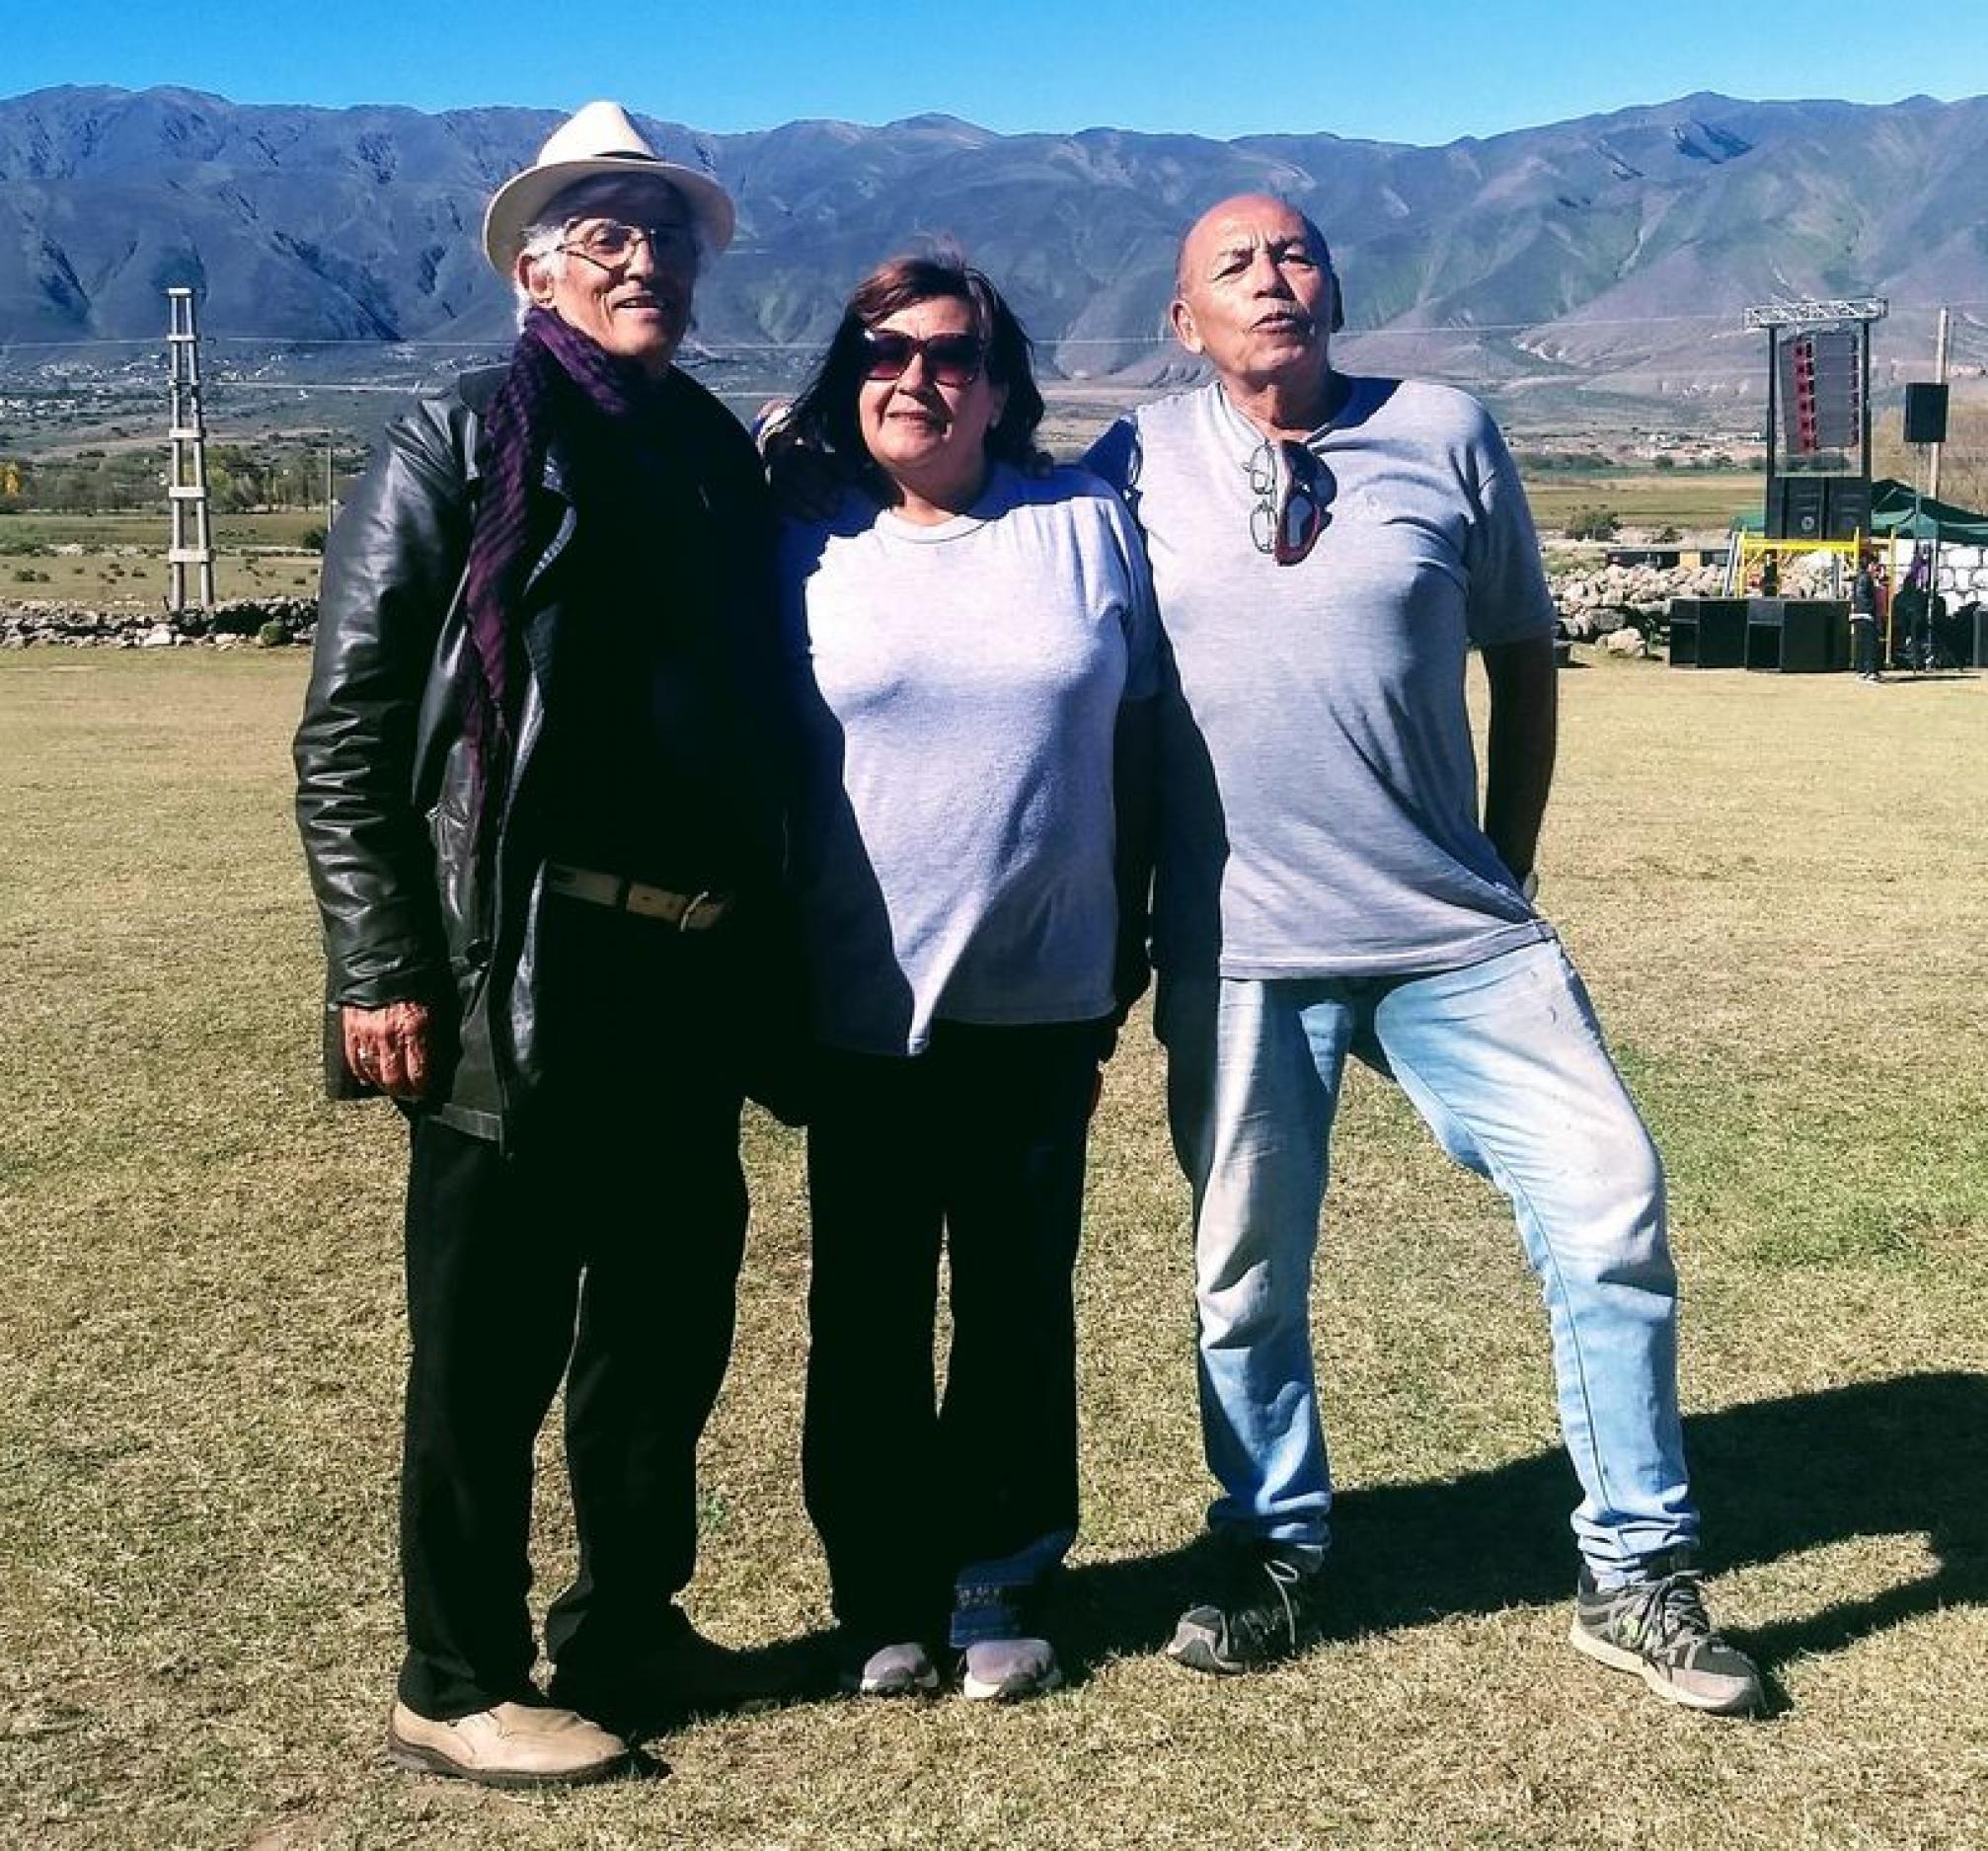 Carlos Kanan, Sonia Saavedra y Elio (Tito) Ceballos Paz